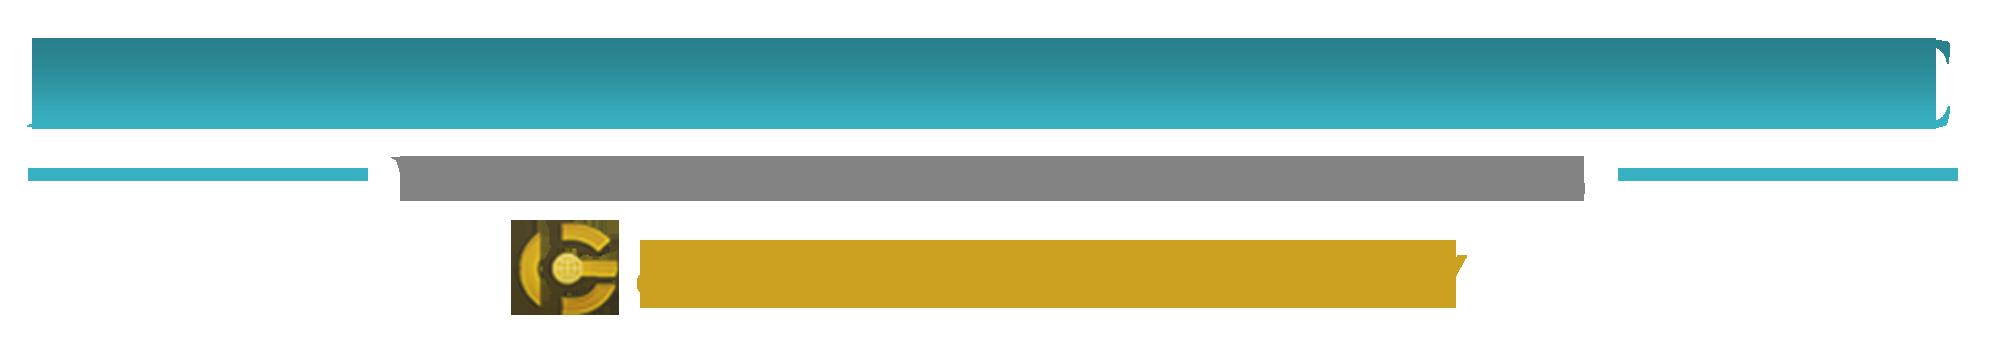 wotctaxnew-logo